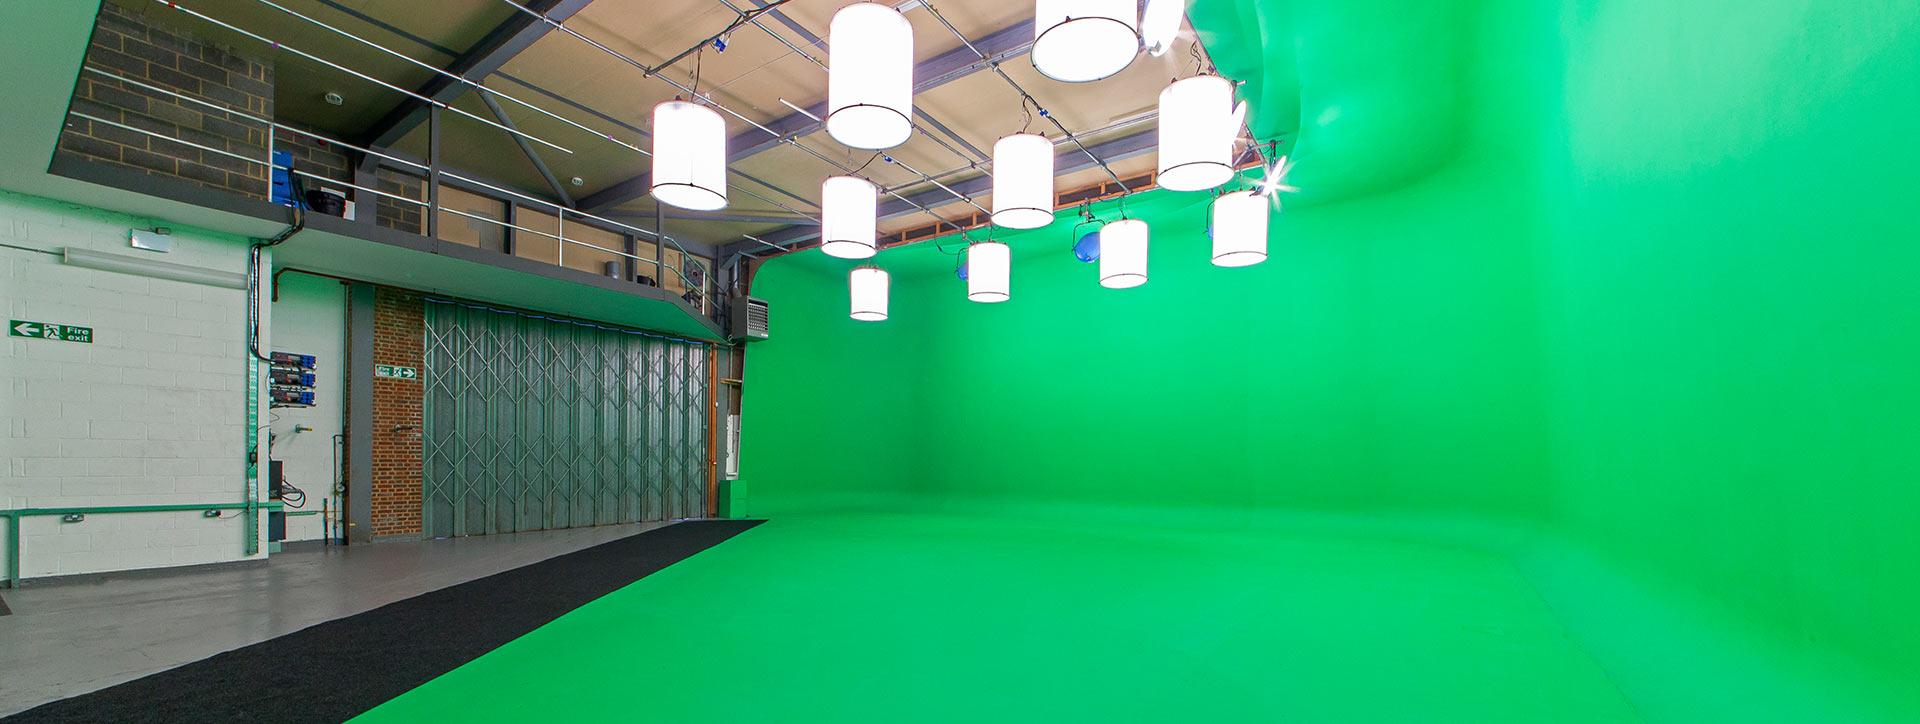 studio-3-5